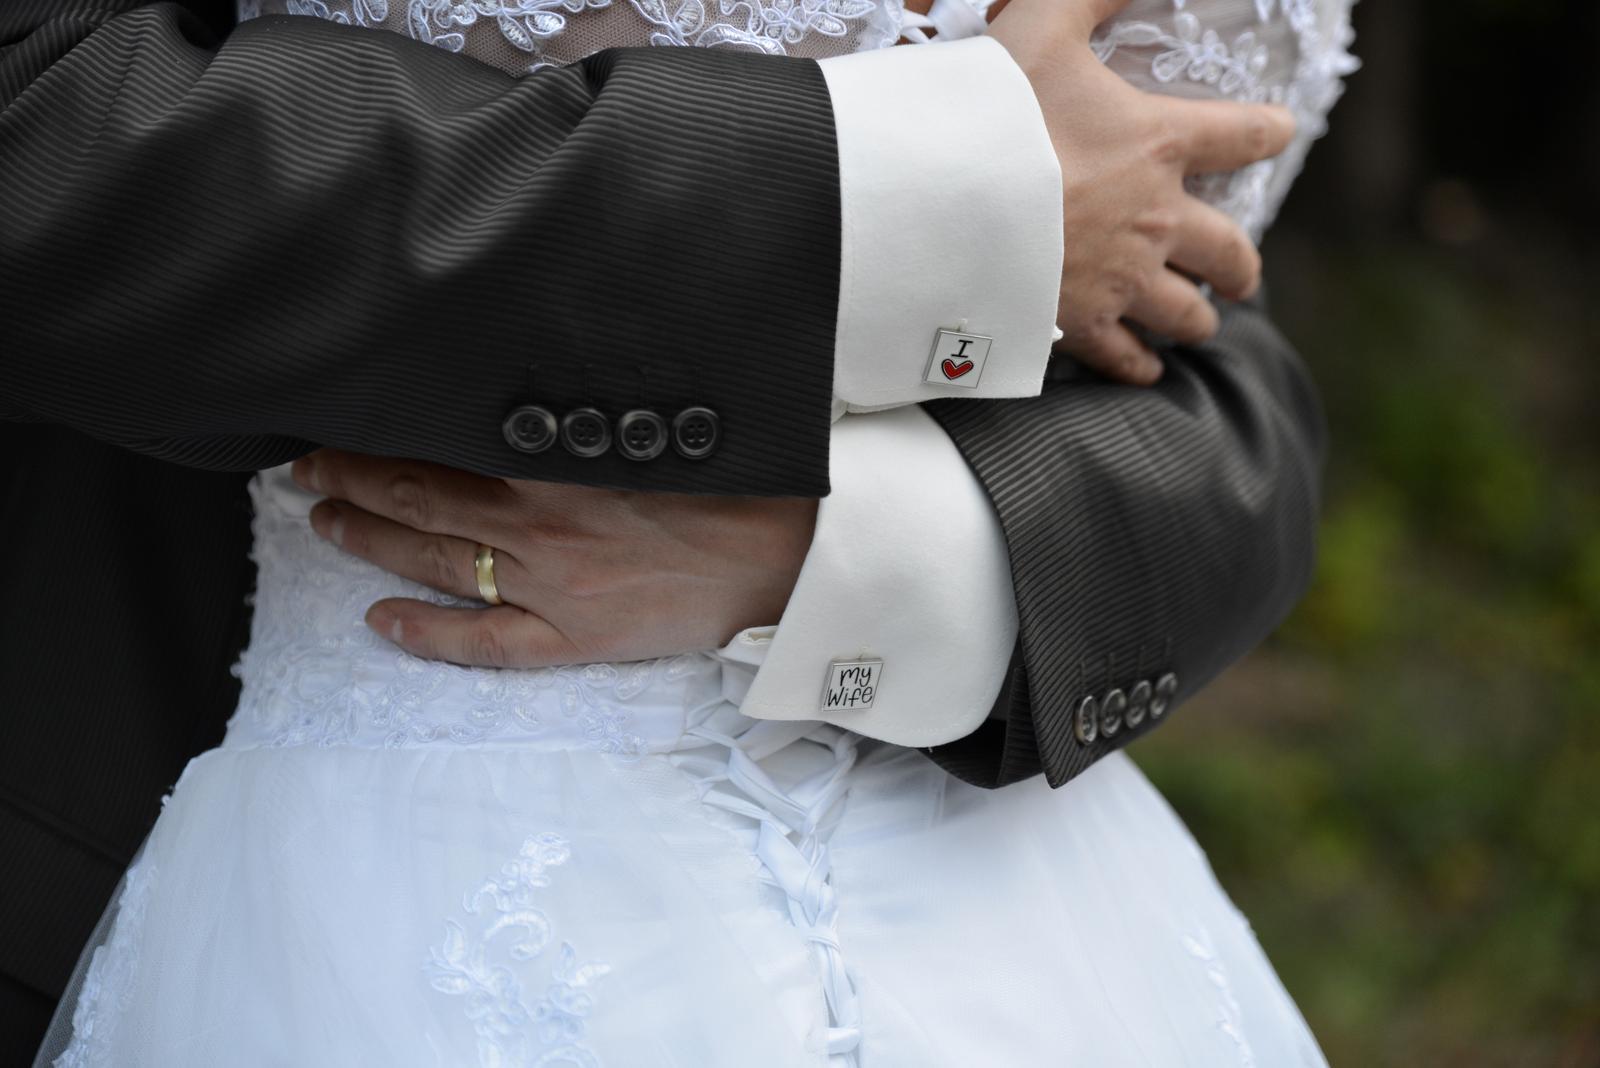 Rodal-komplet pre ženícha, cena s poštovným - Obrázok č. 2